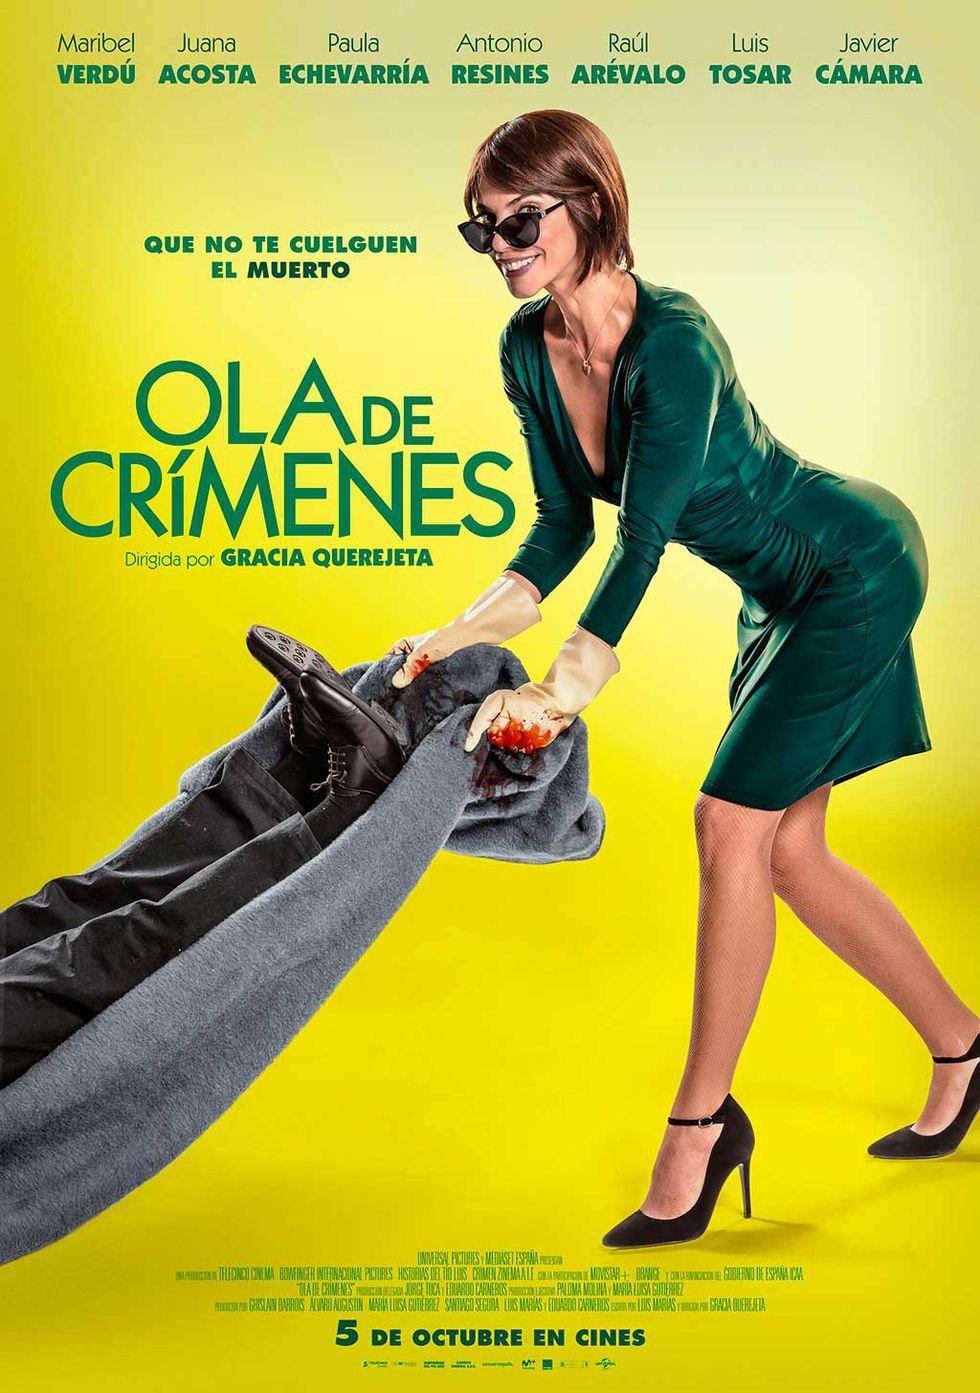 Ola de crímenes Tráiler - Ola de crímenes, la nueva comedia de Gracia Querejeta con Maribel Verdú